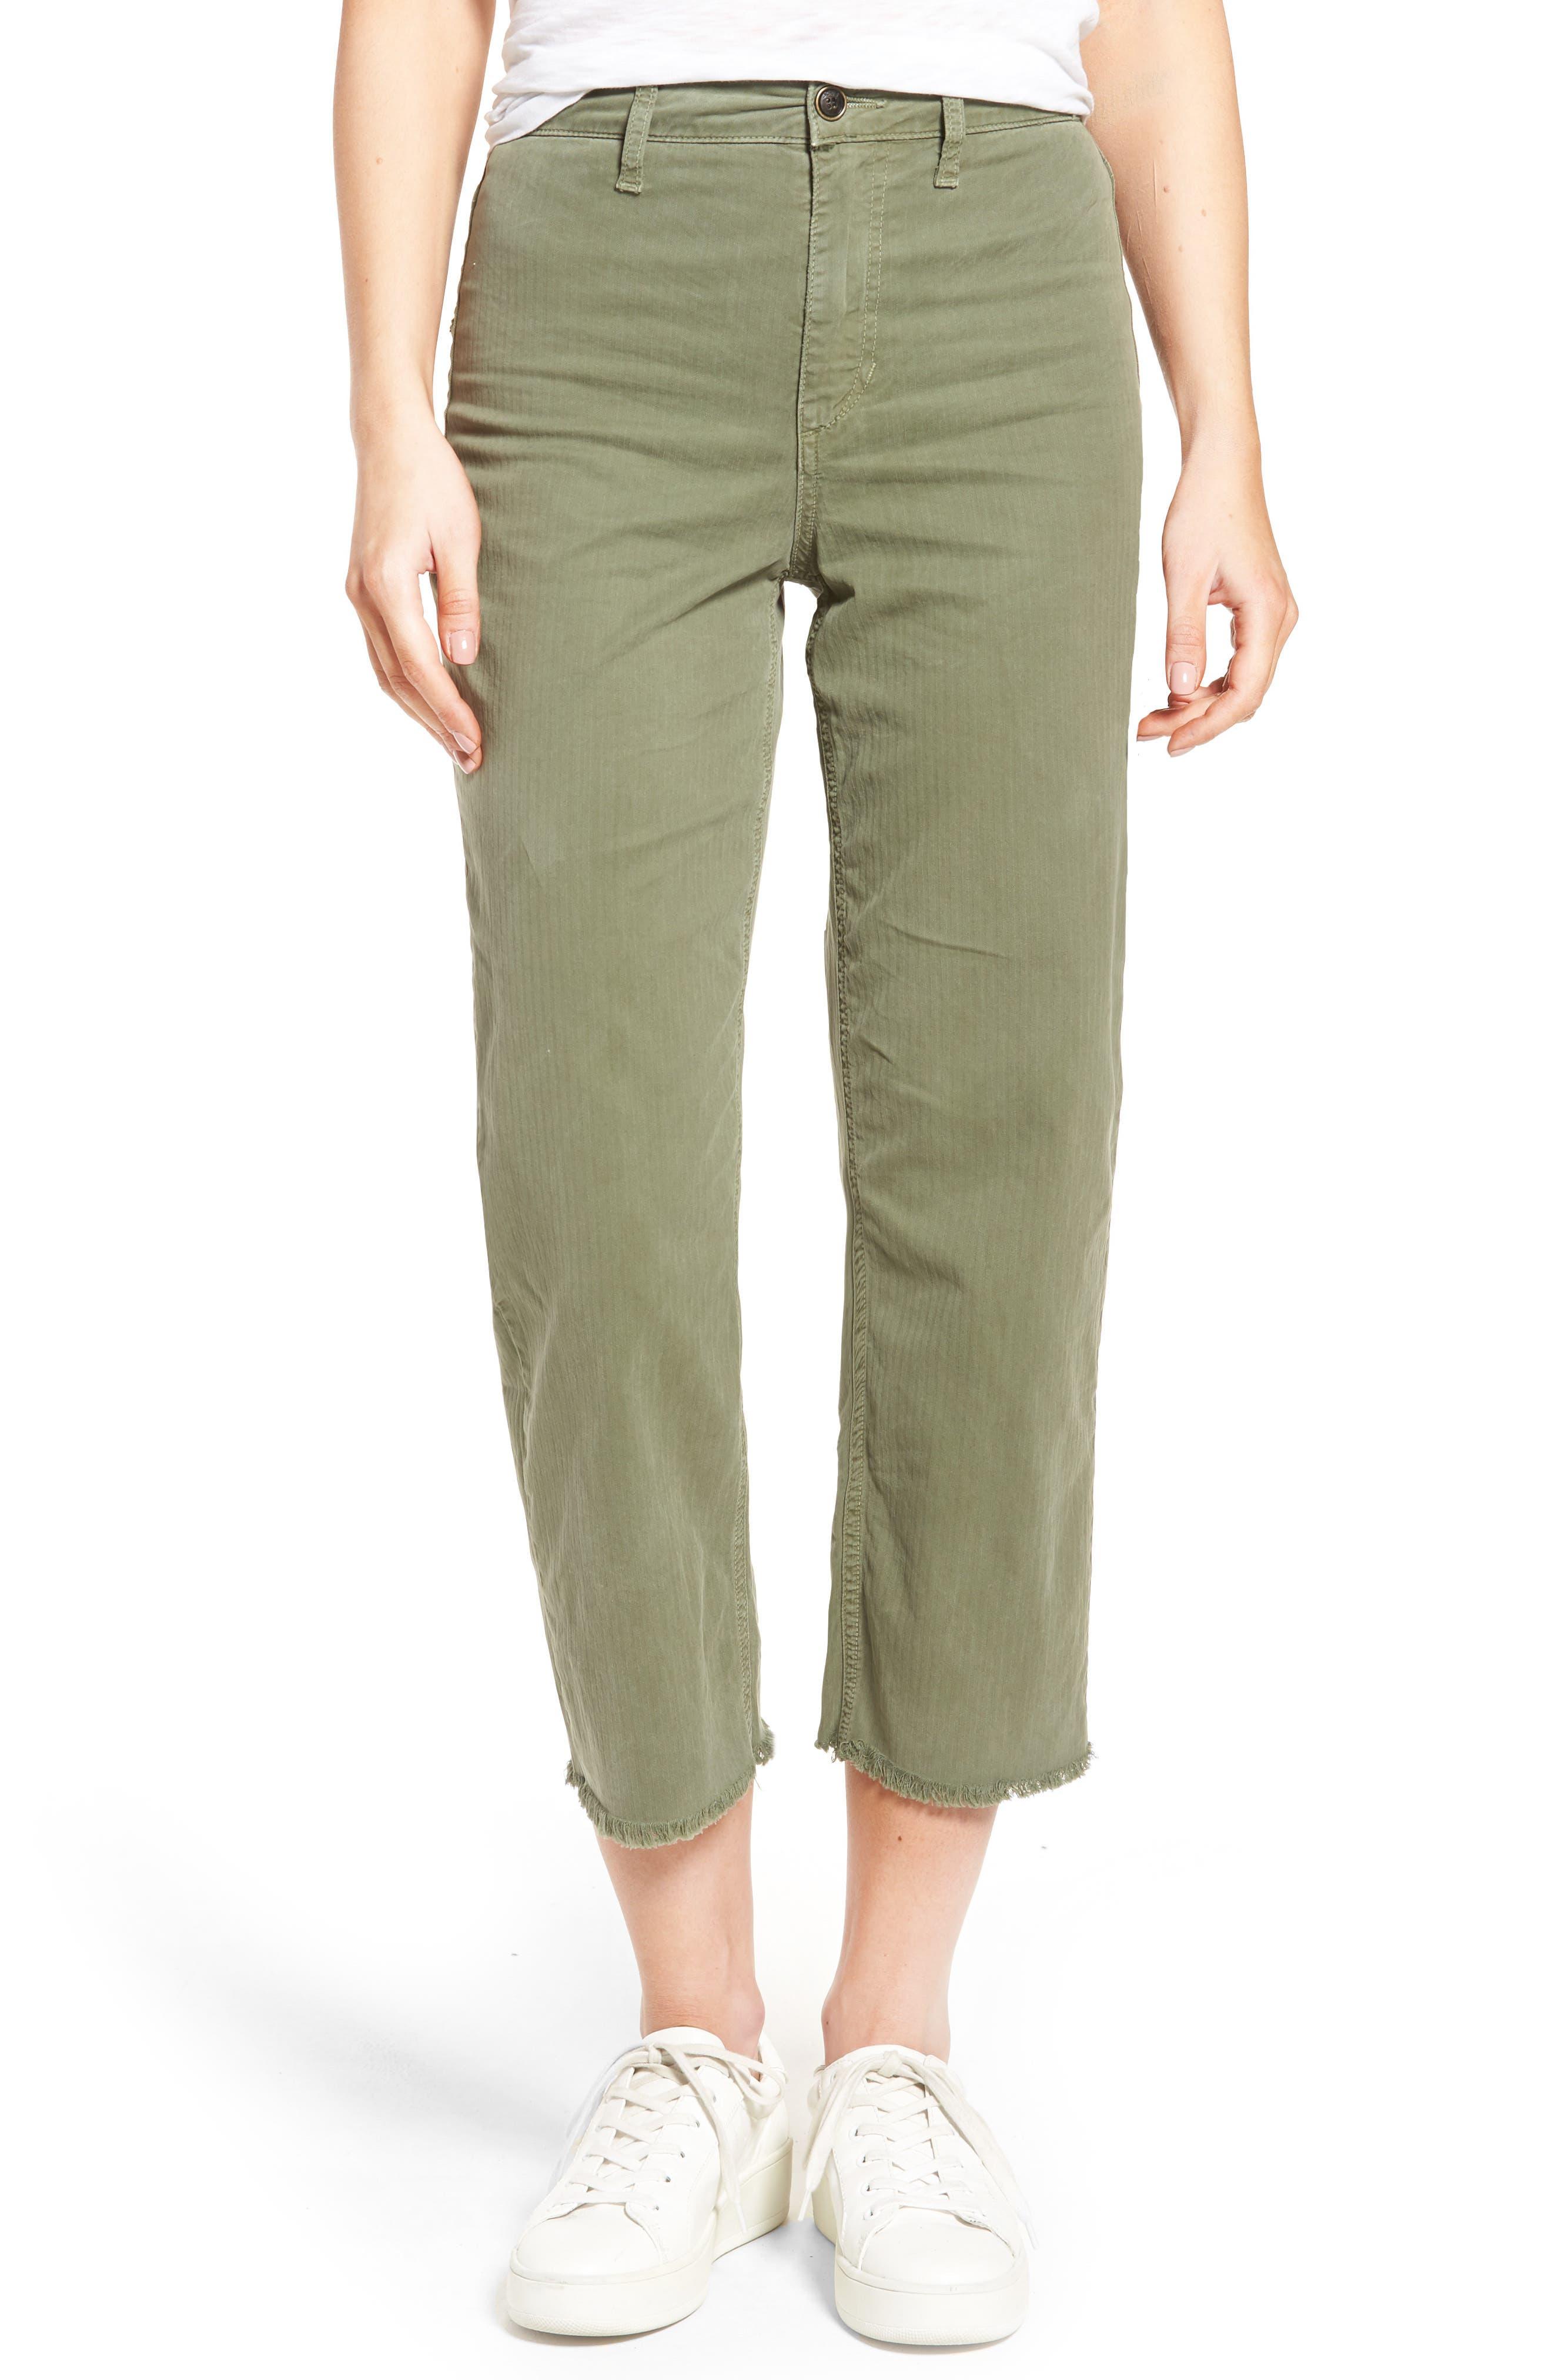 Joe's Jane Crop Cargo Pants